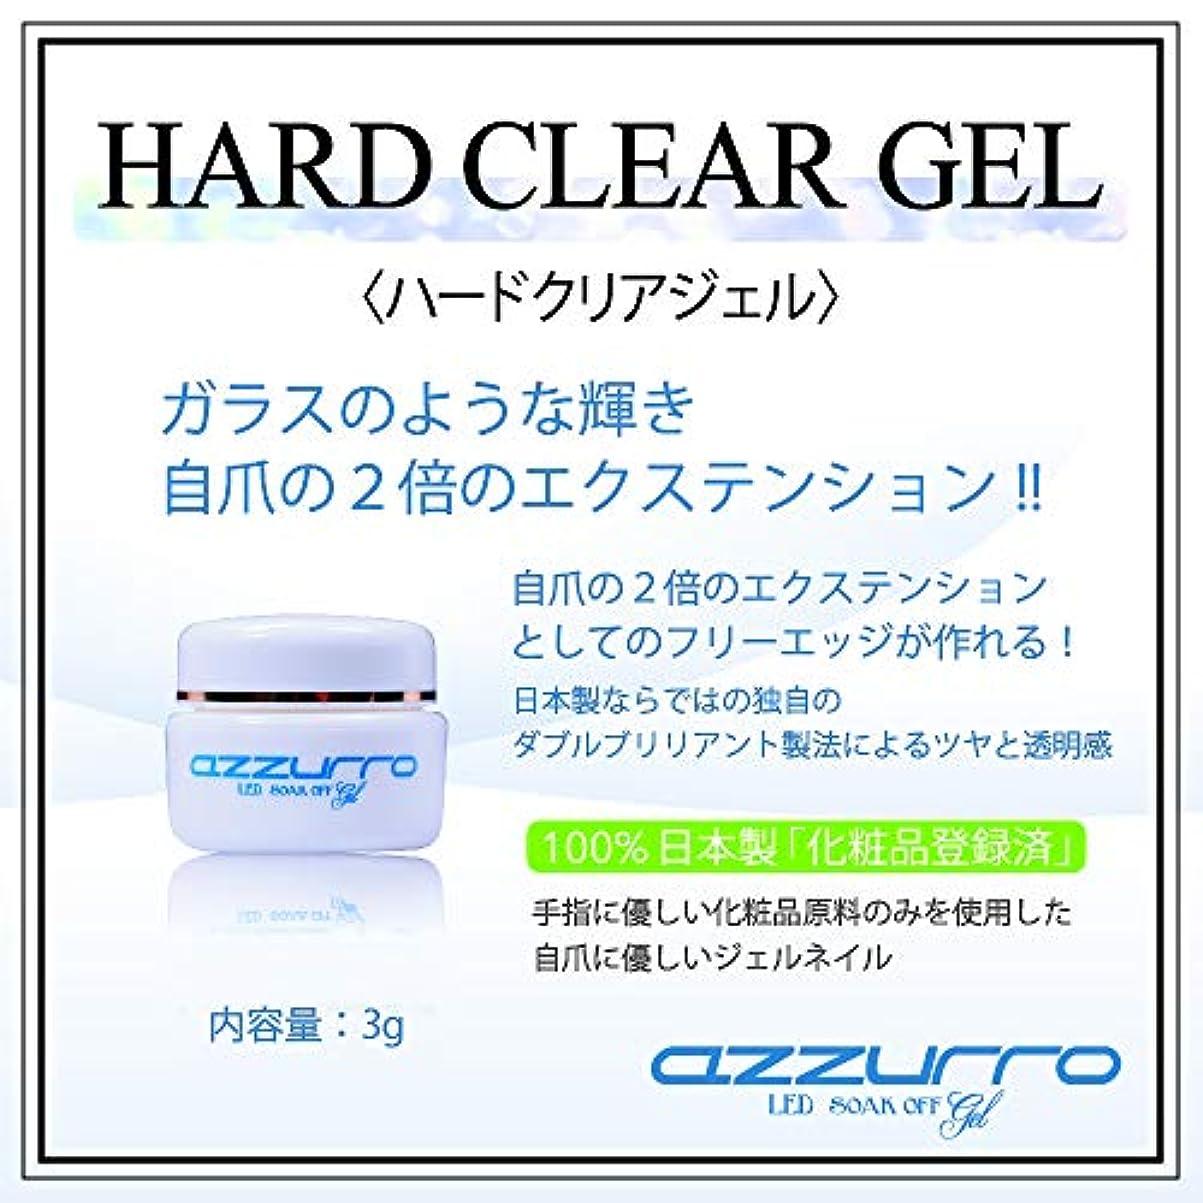 一般的な売る深めるazzurro gel アッズーロハードクリアージェル 3g ツヤツヤ キラキラ感持続 抜群のツヤ